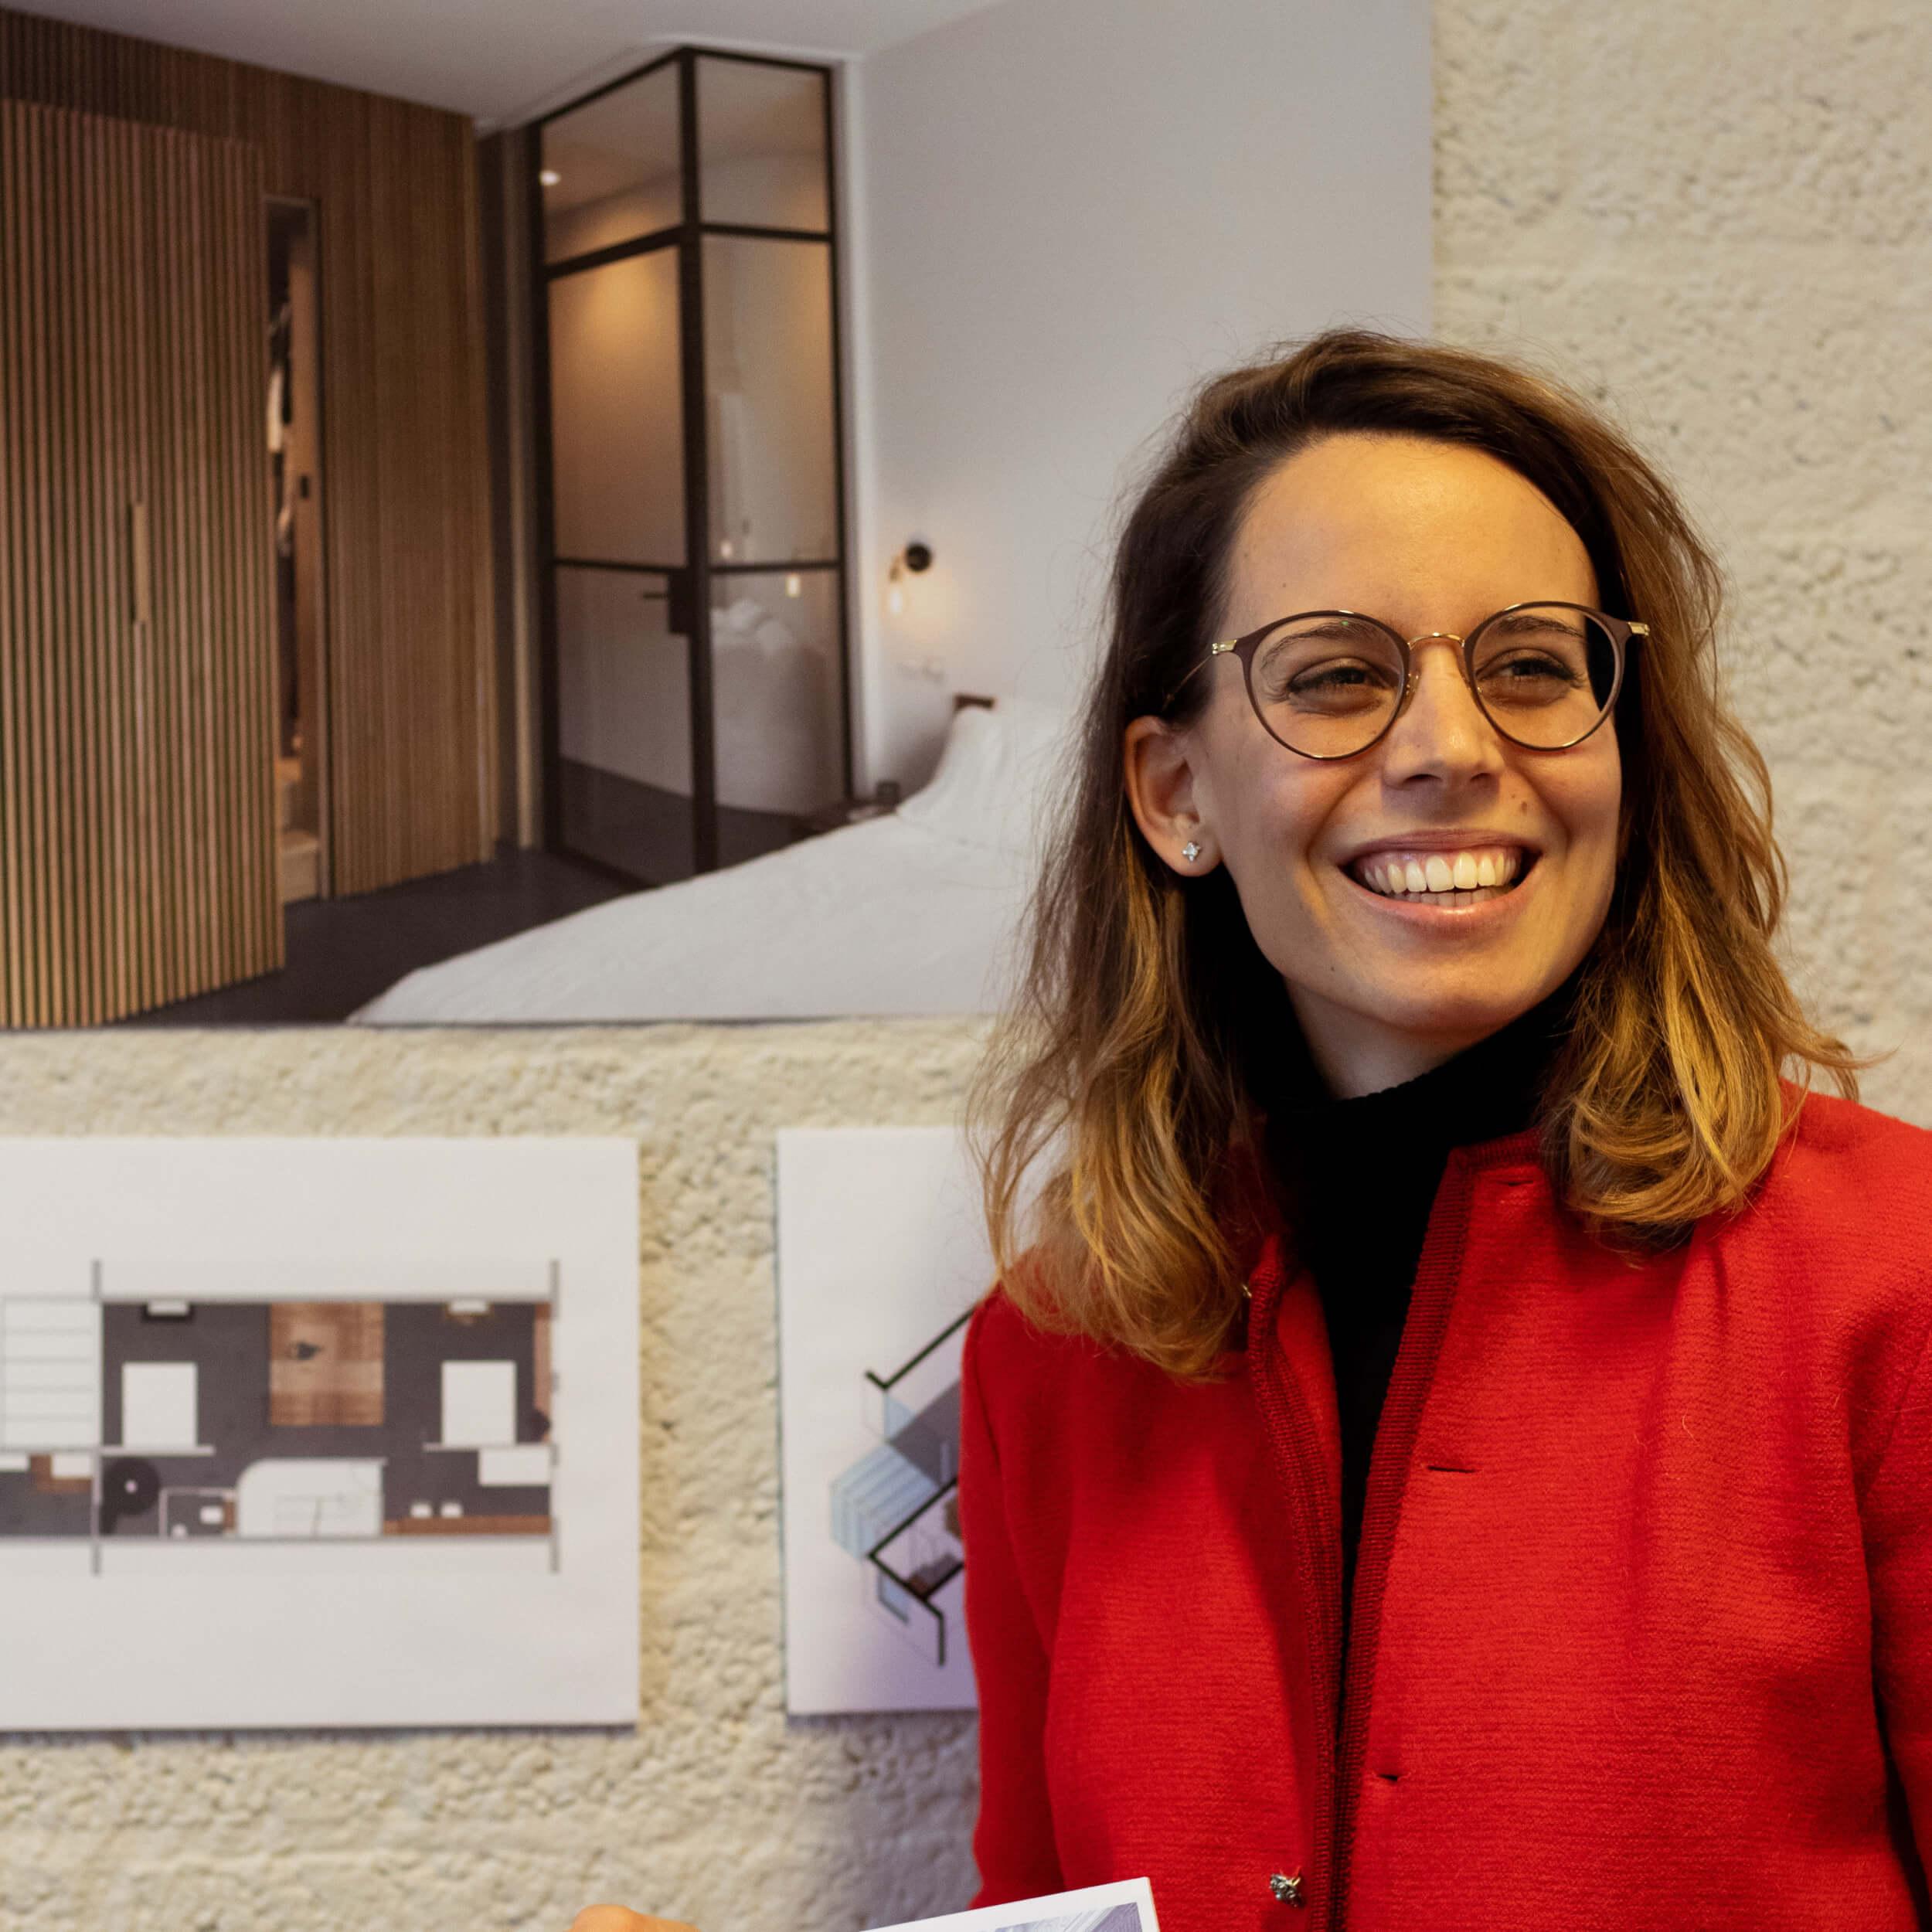 Q&A met Inma Cantero van Cantero Architecture: 'De mensen van dit huis willen graag dat ik hen blijf helpen met de renovatie van een andere verdieping. Echt een geweldig gevoel!'